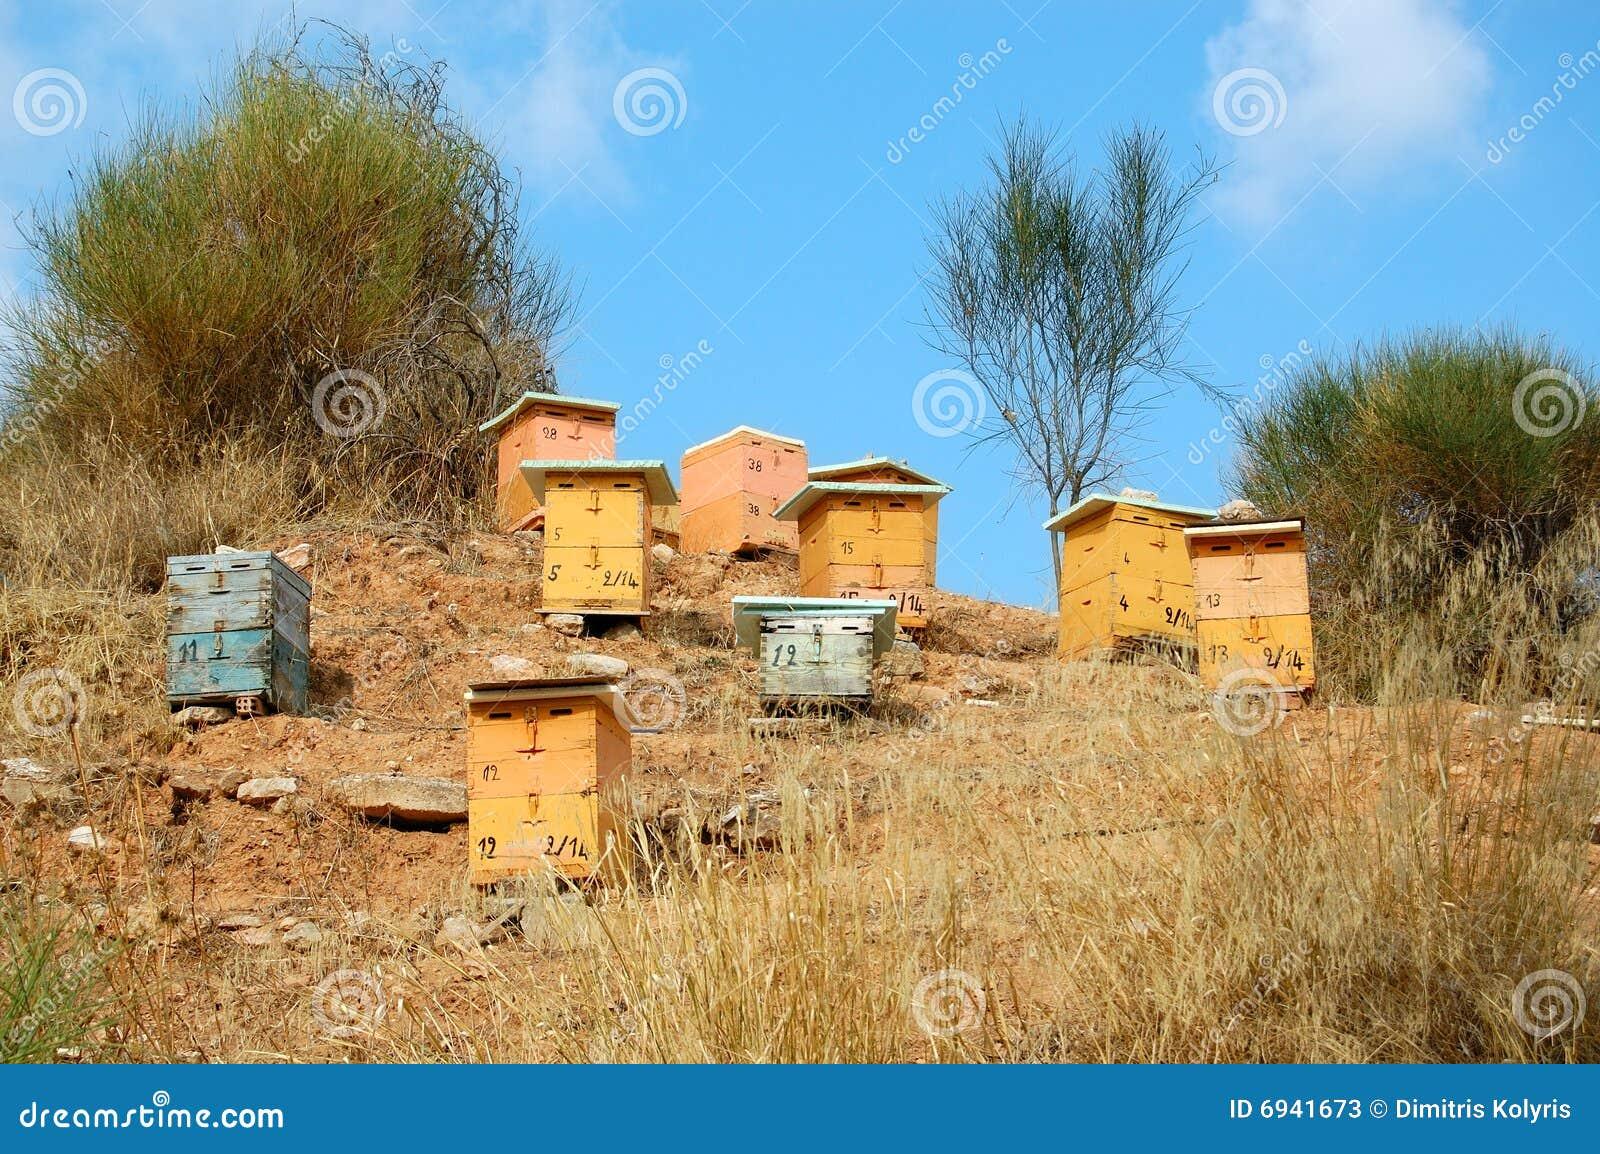 Colmeias De Madeira Fotos de Stock Imagem: 6941673 #0F75BC 1300x954